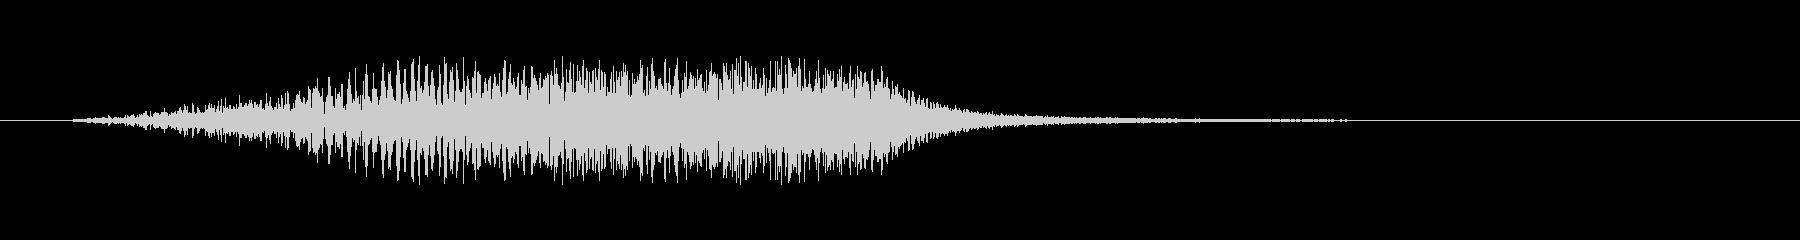 【ショートブリッジ16-3】の未再生の波形